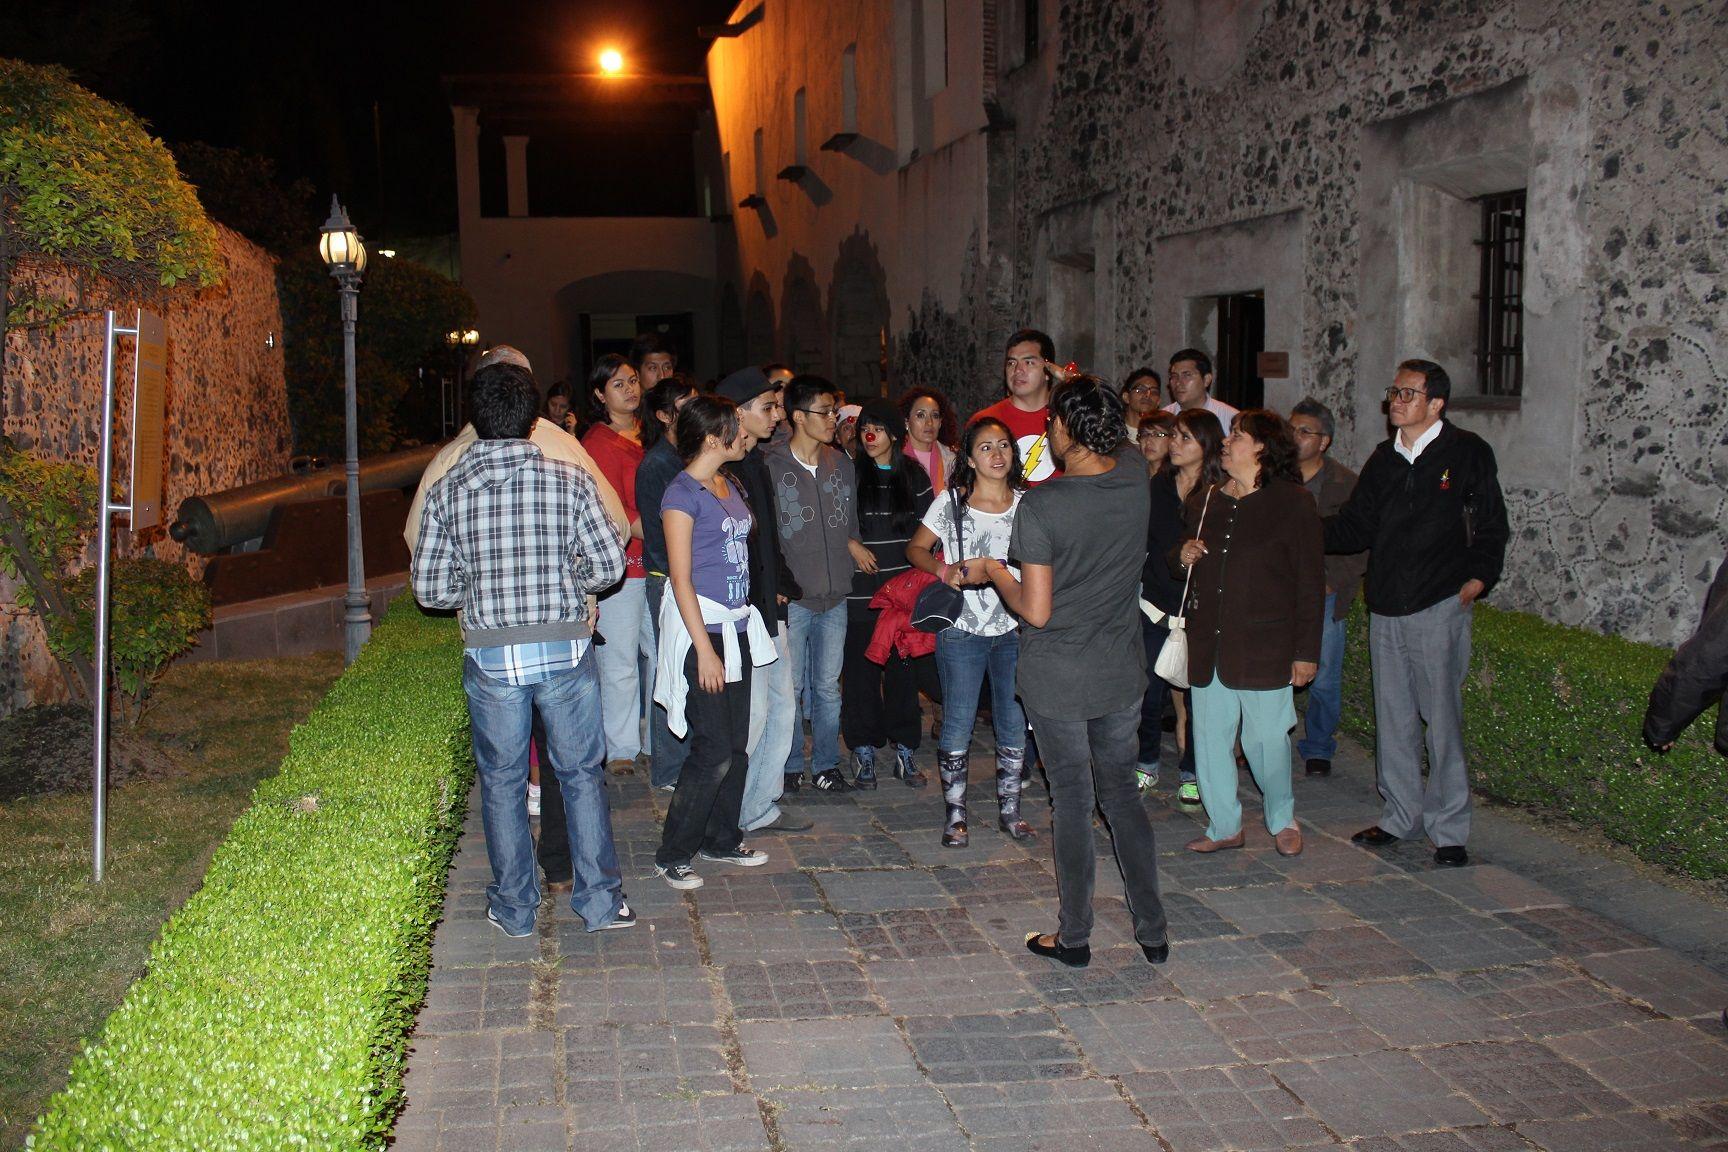 """Noche de Museos presenta a Triciclo Circus Band. """"Noche de Museos"""" en el  Museo de las Intervenciones. Foto: Dardané Pérez Romero / Secretaría de Cultura del GDF."""